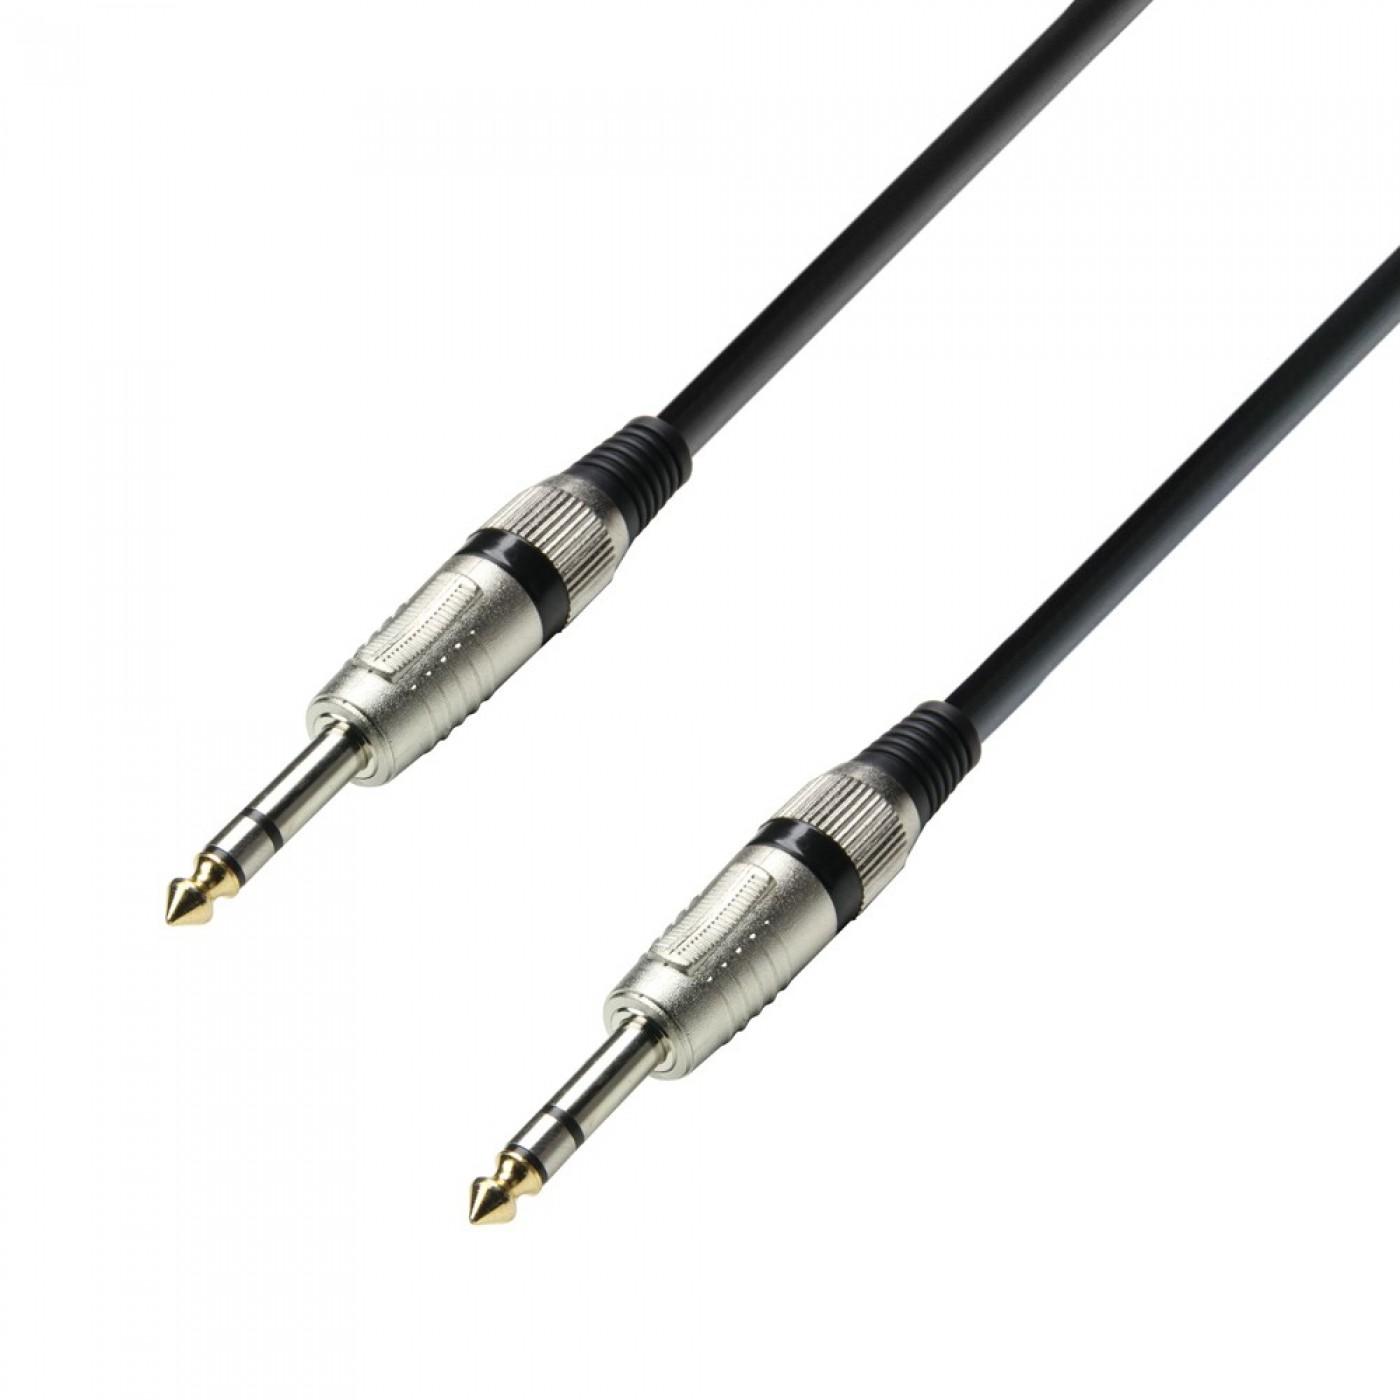 Adam Hall Cable 3 Star Jack 6,3mm estéreo a Jack 6,3mm estéreo 6m